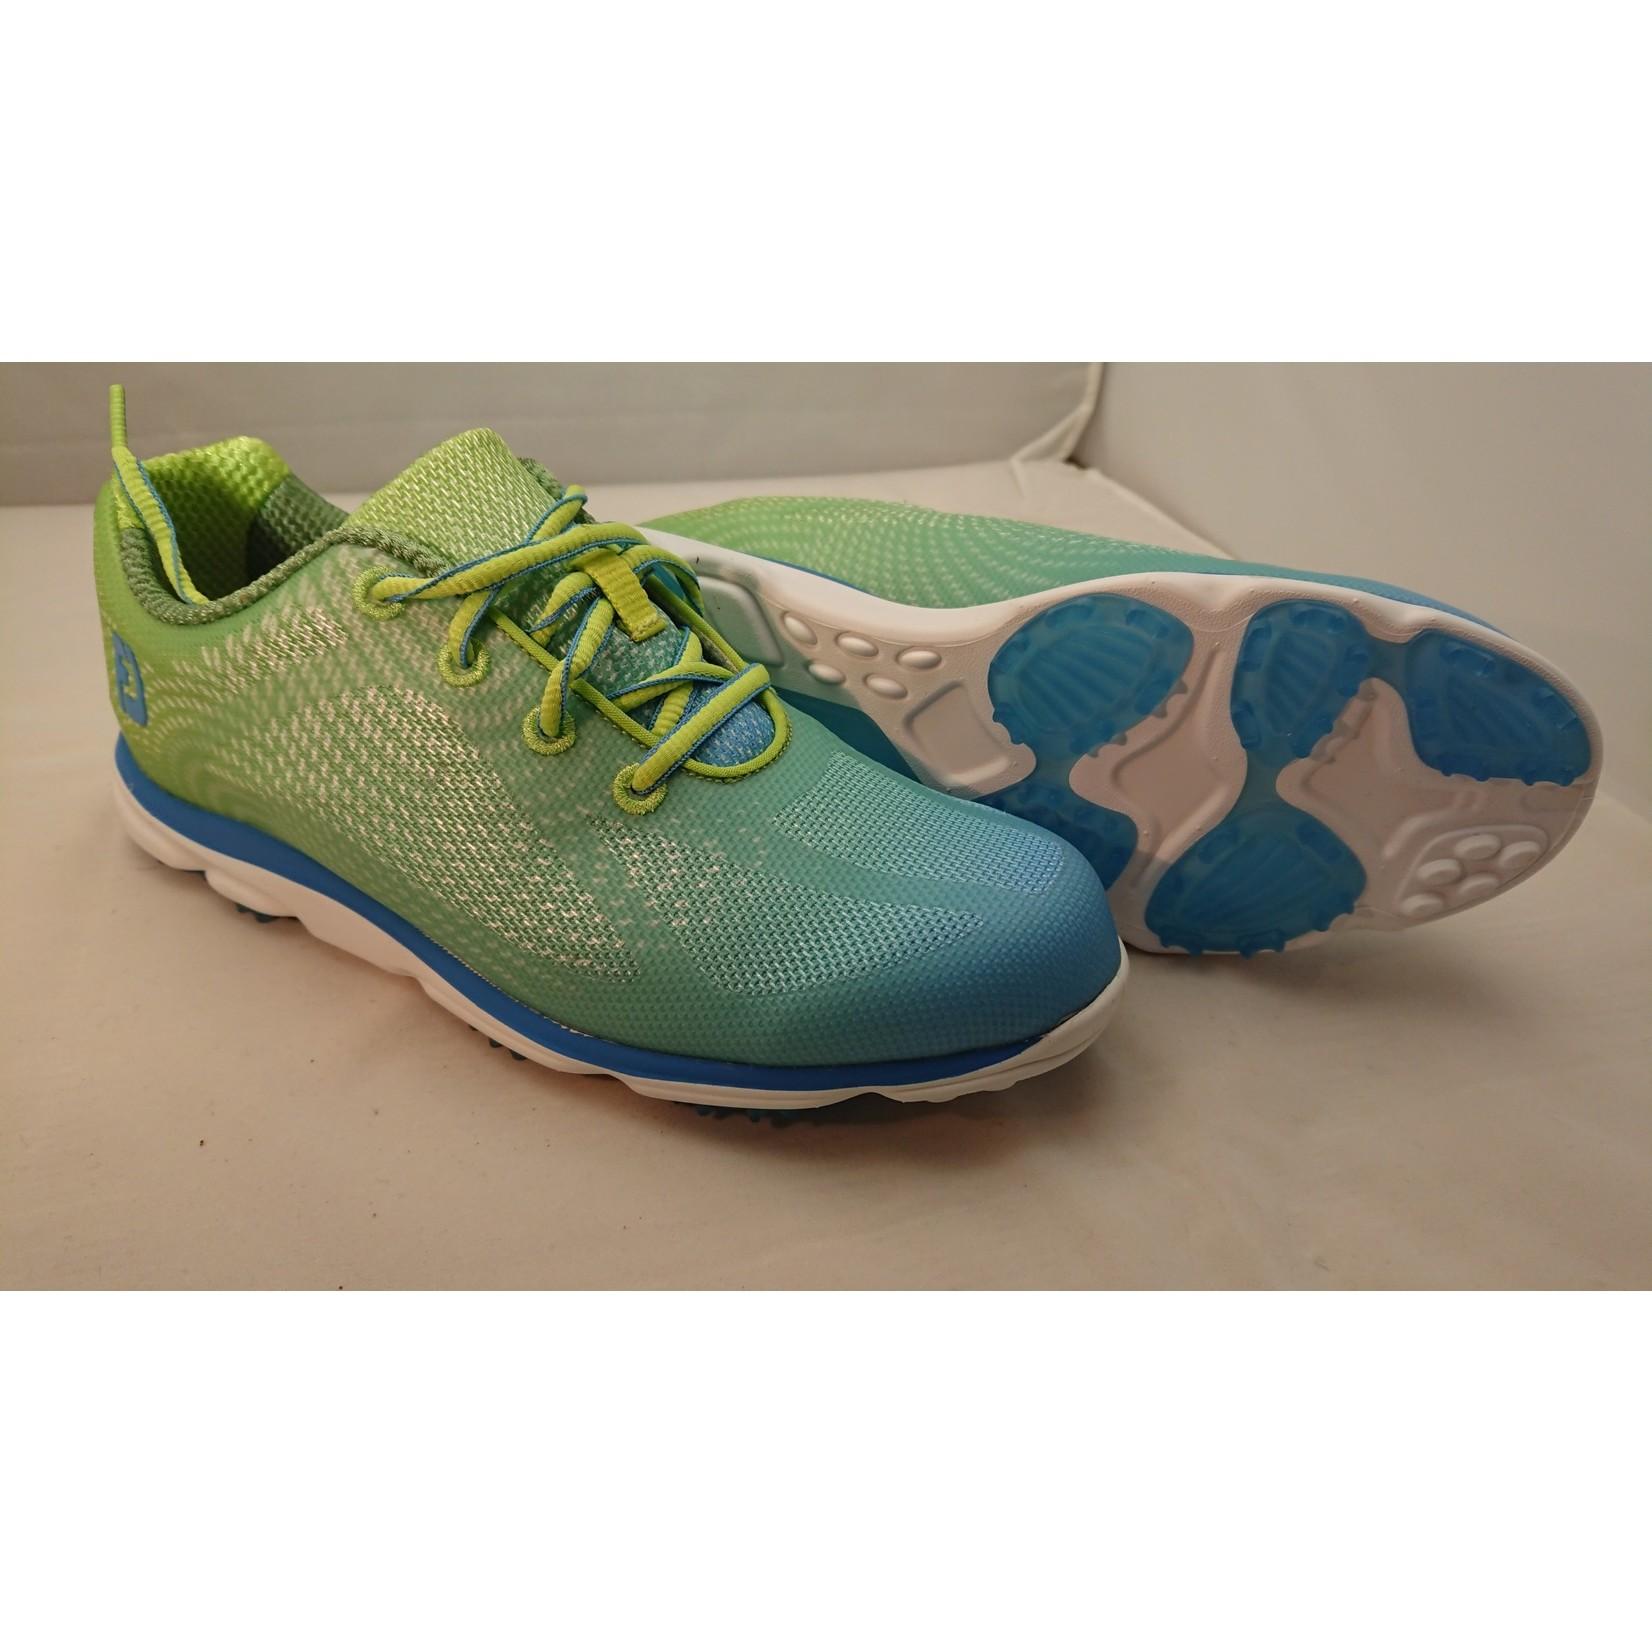 Footjoy Footjoy EmPower Groen/Blauw 37